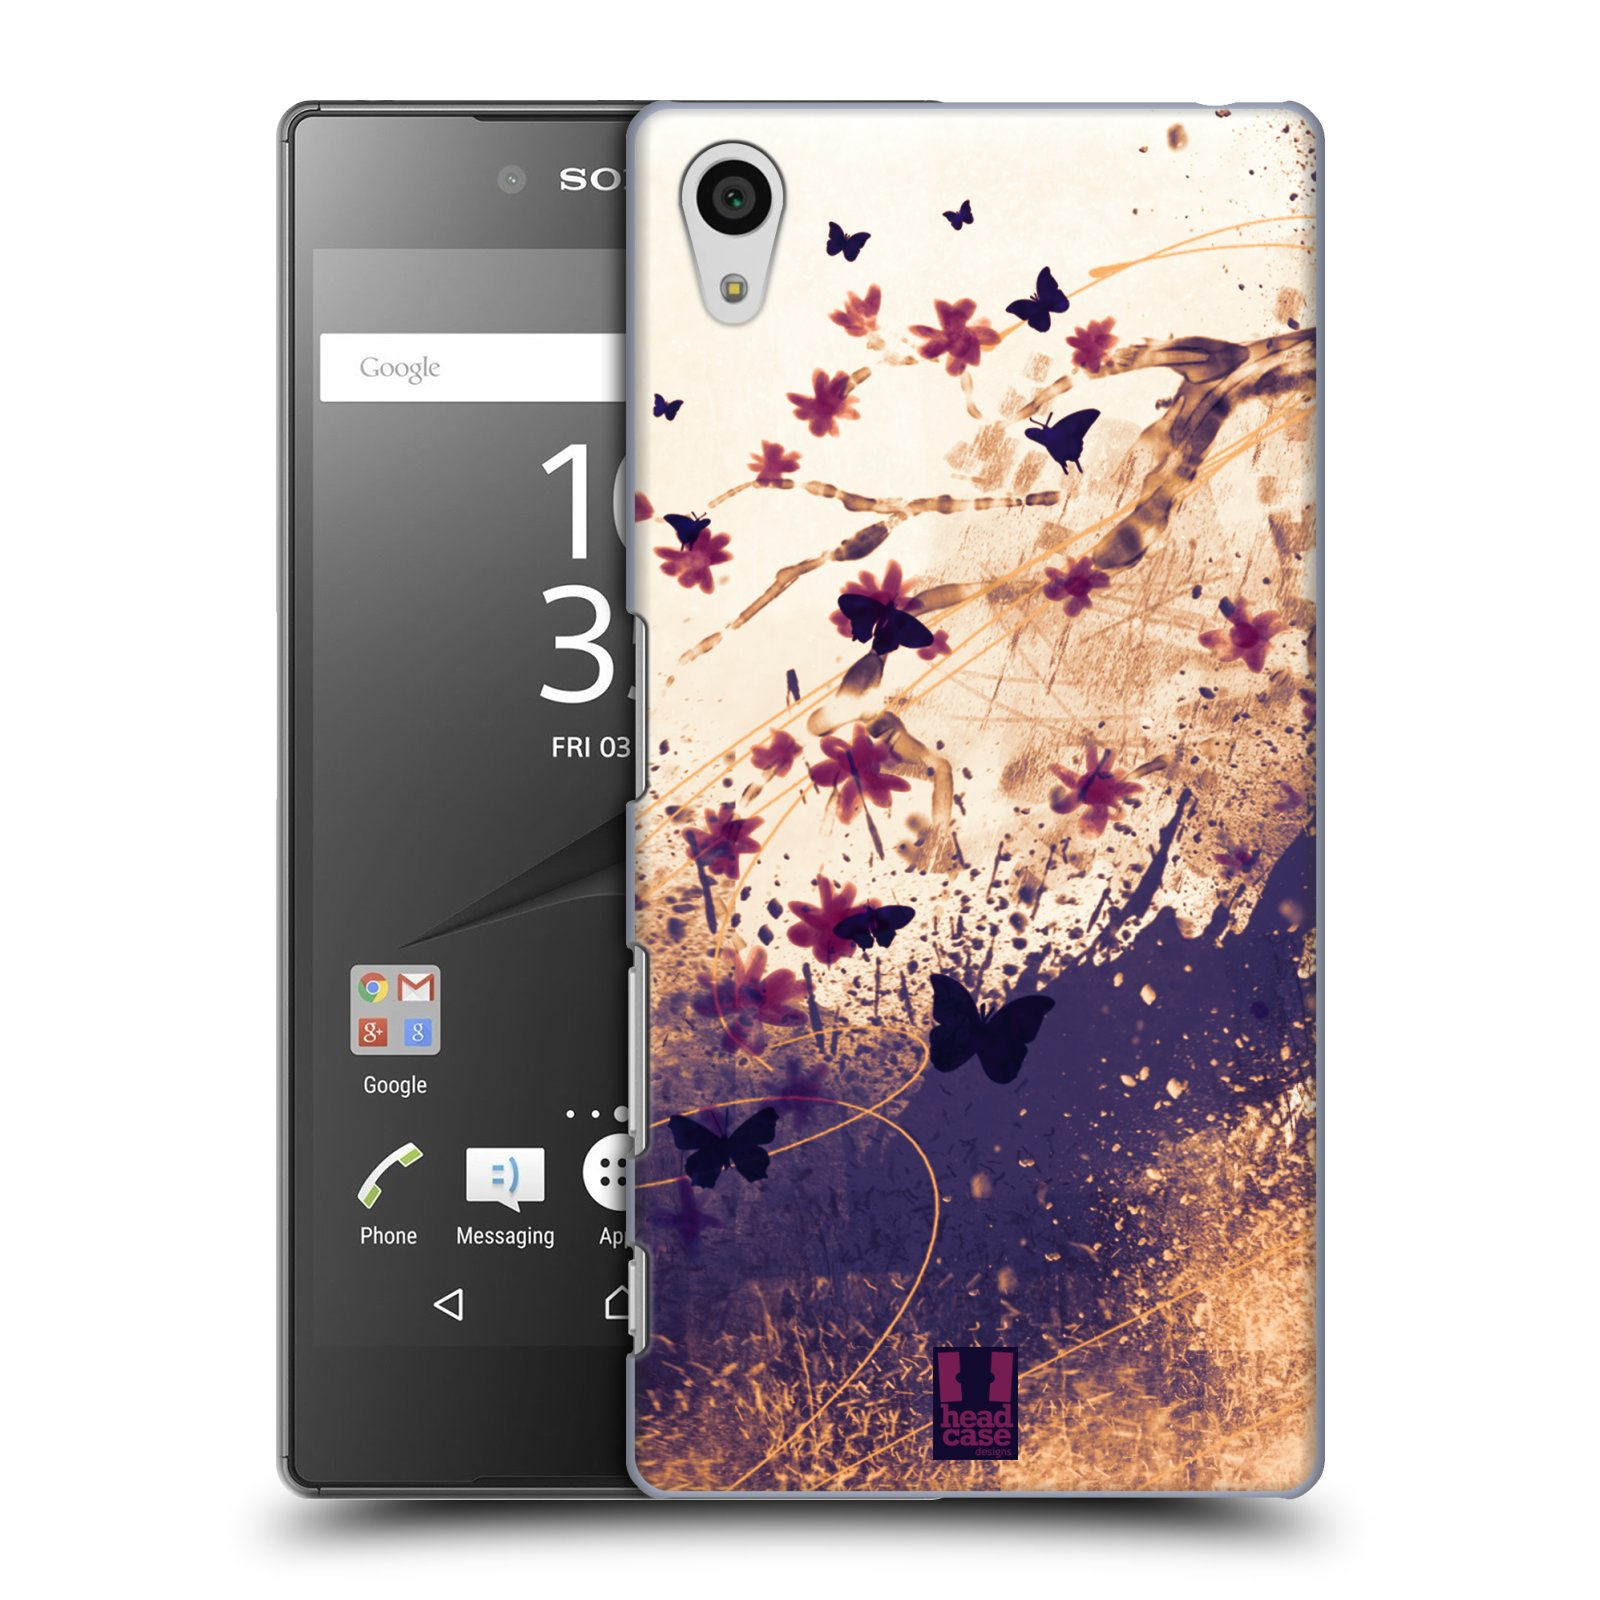 Plastové pouzdro na mobil Sony Xperia Z5 HEAD CASE MOTÝLCI (Kryt či obal na mobilní telefon Sony Xperia Z5 E6653)